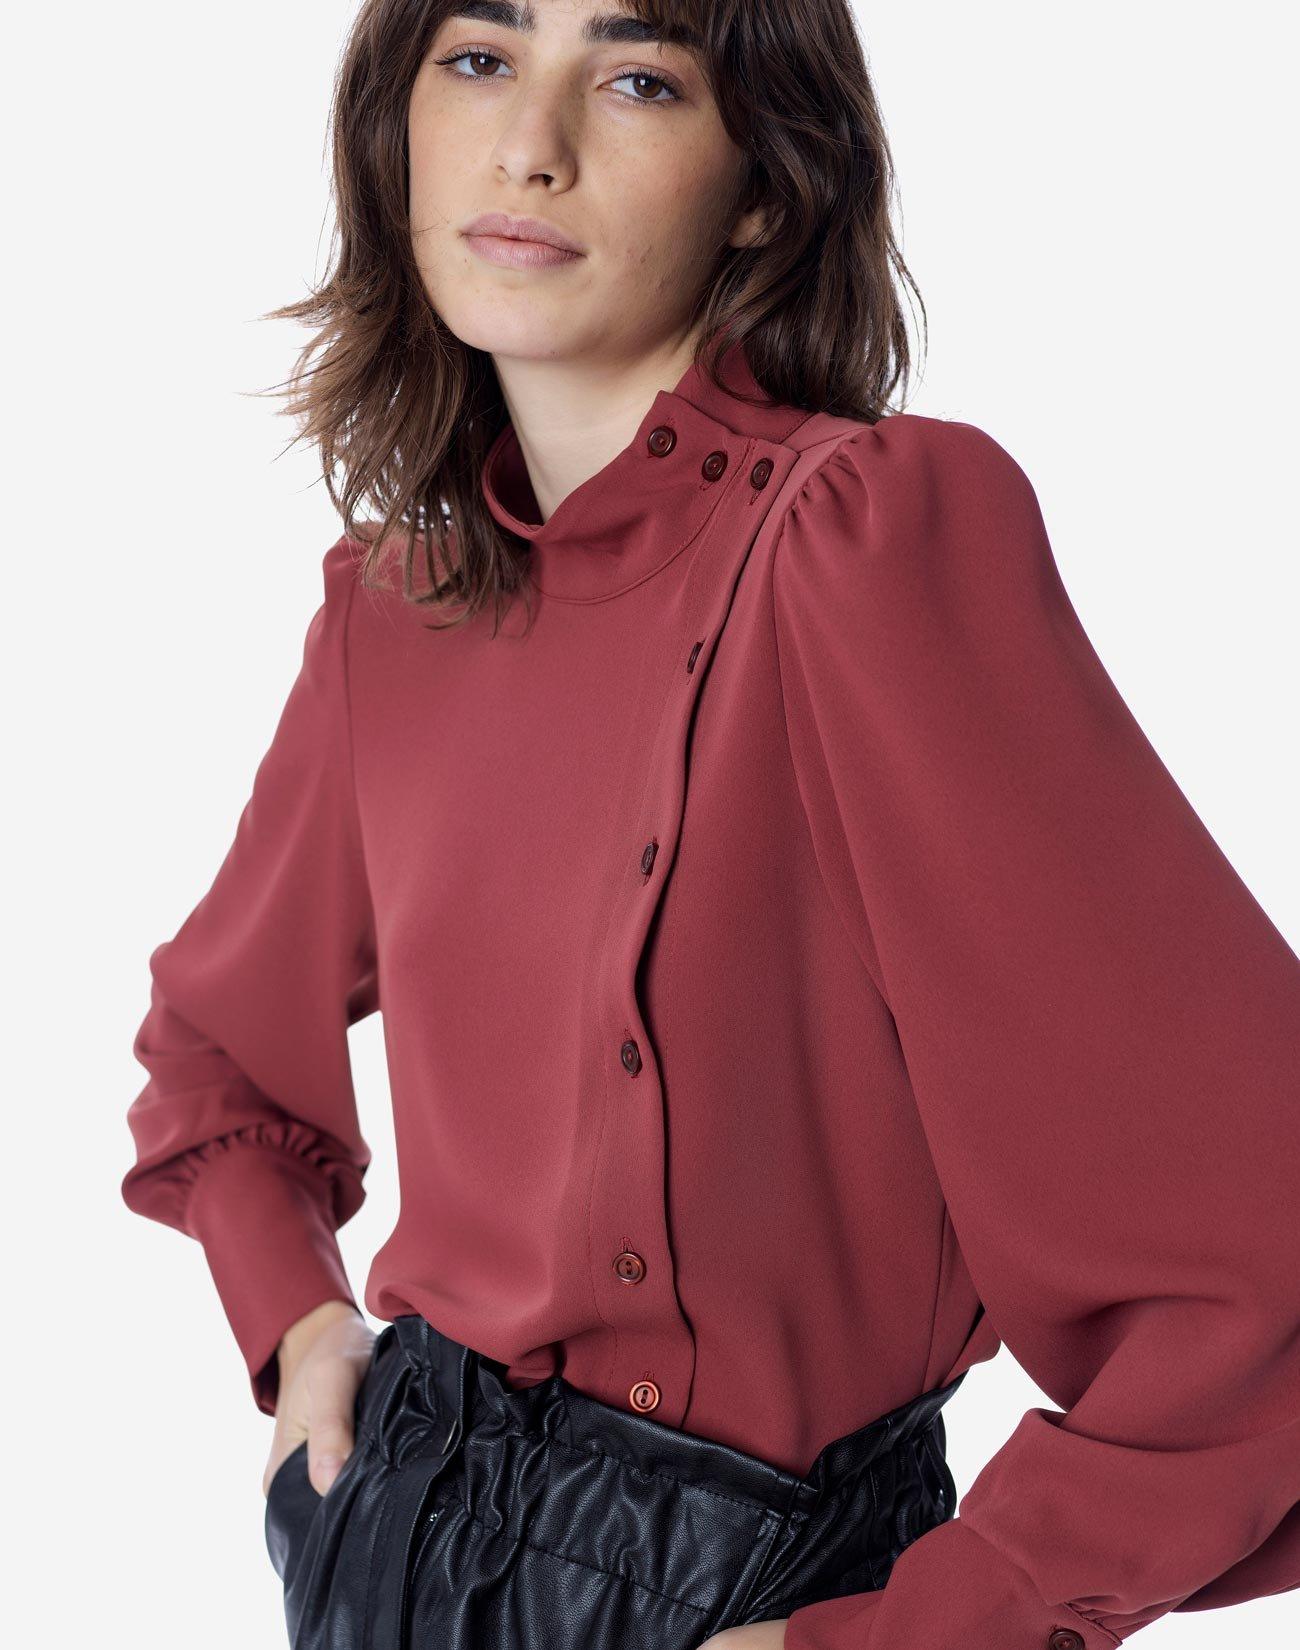 Μπλούζα με κουμπιά